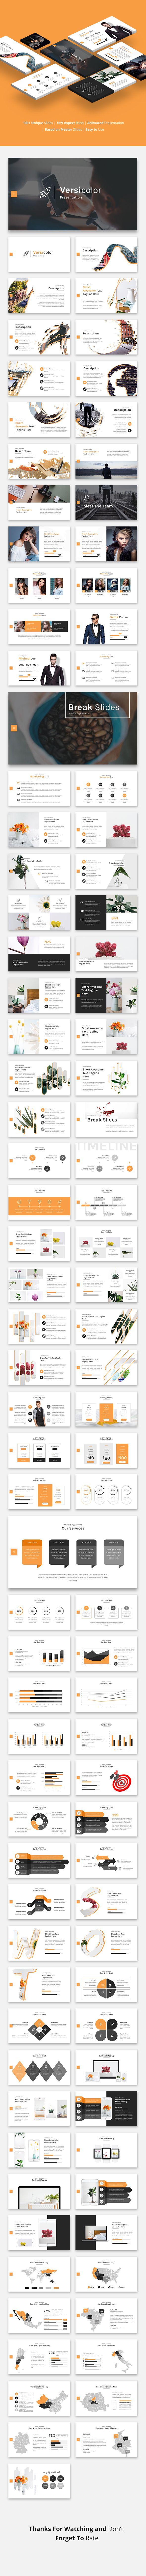 Versicolor Keynote Template | Cartel de producto, Identidad ...